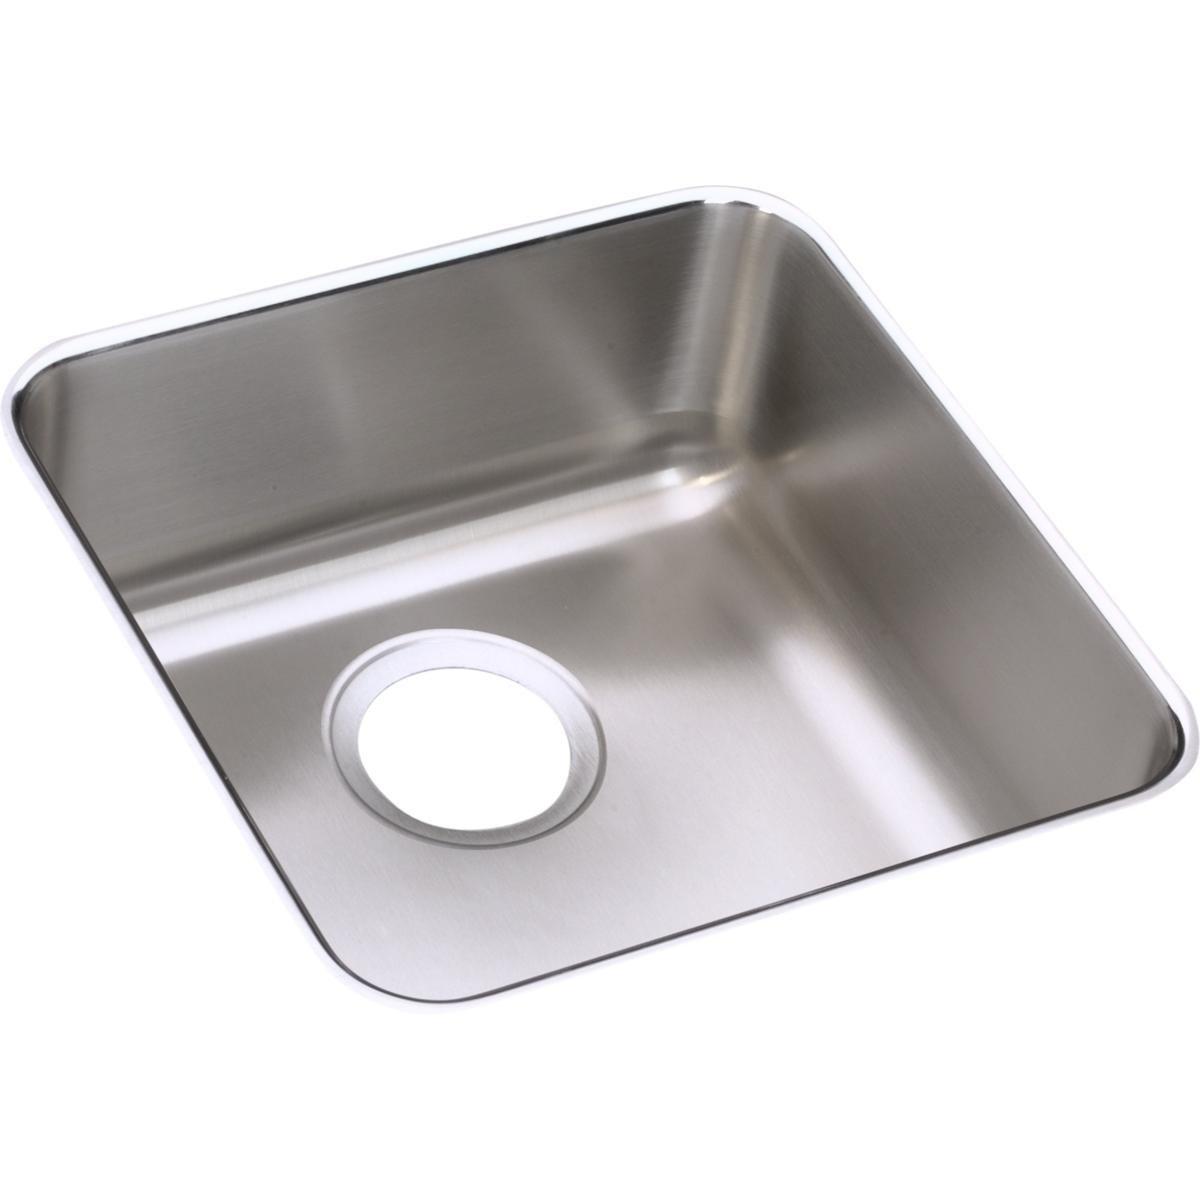 Elkay ELUH1212 Lustertone Classic Single Bowl Undermount Stainless Steel Sink